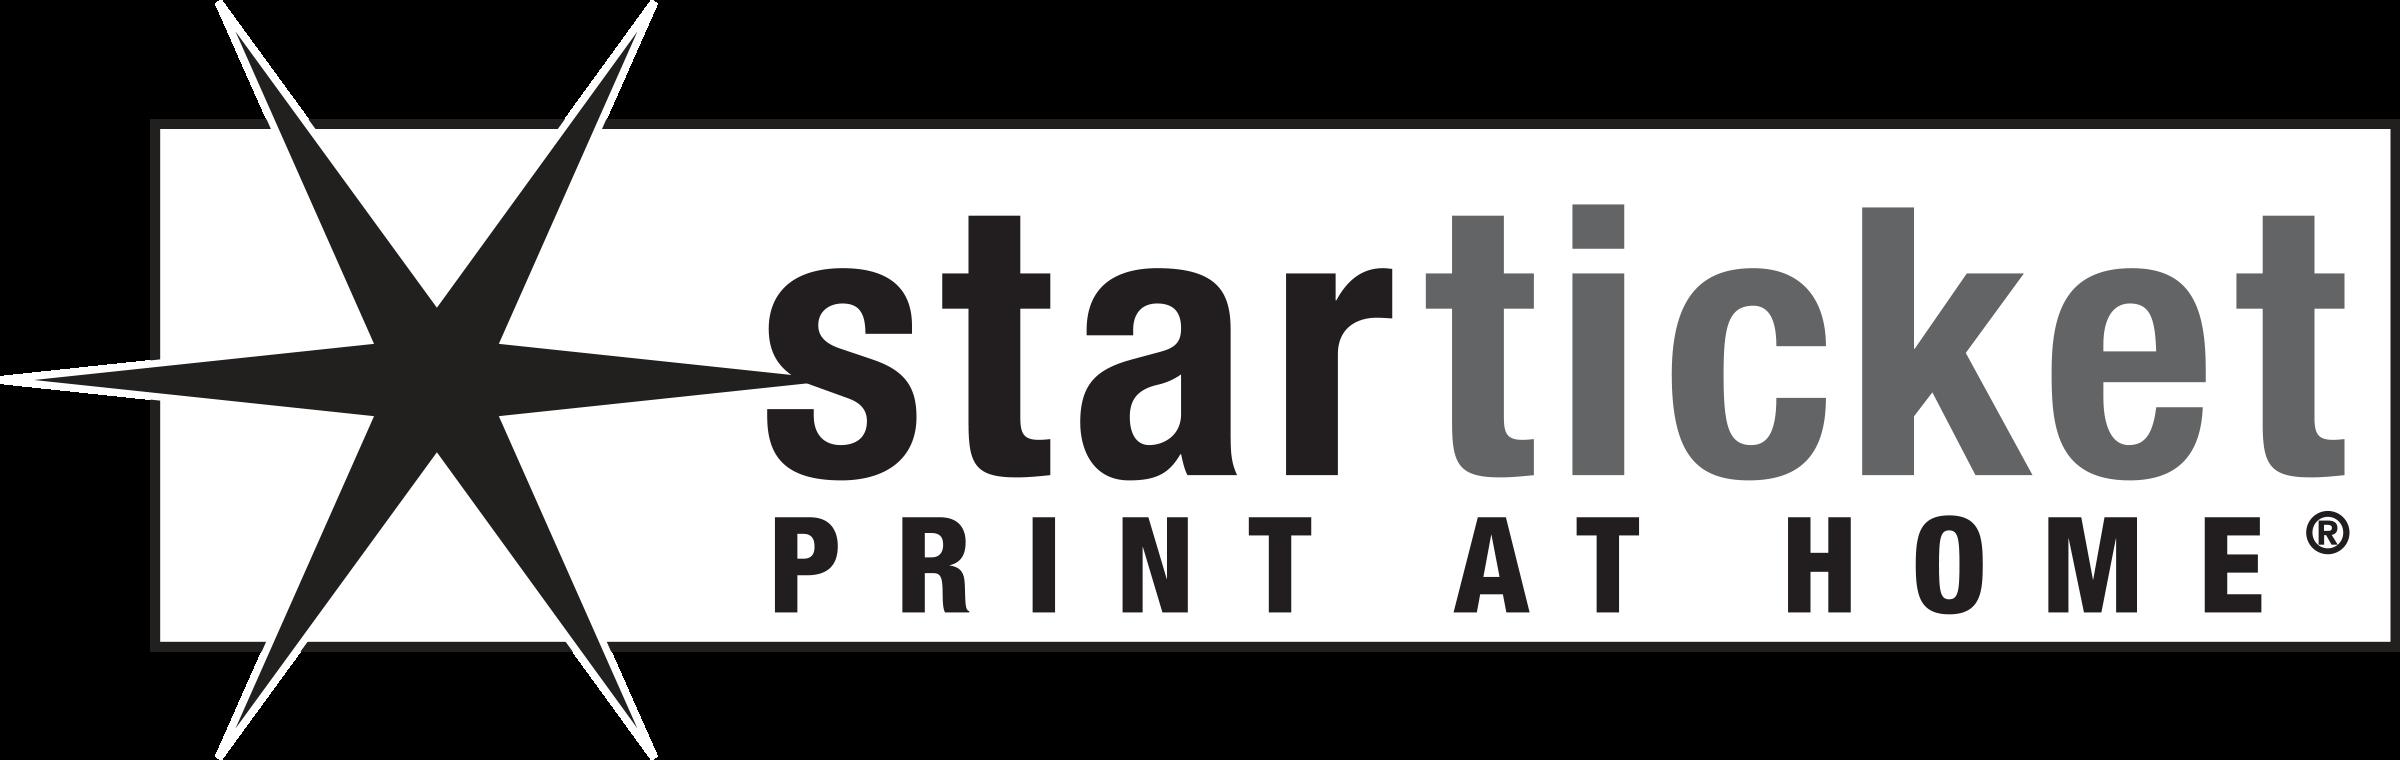 Starticket_Logo_printathome_schwarz-weiss